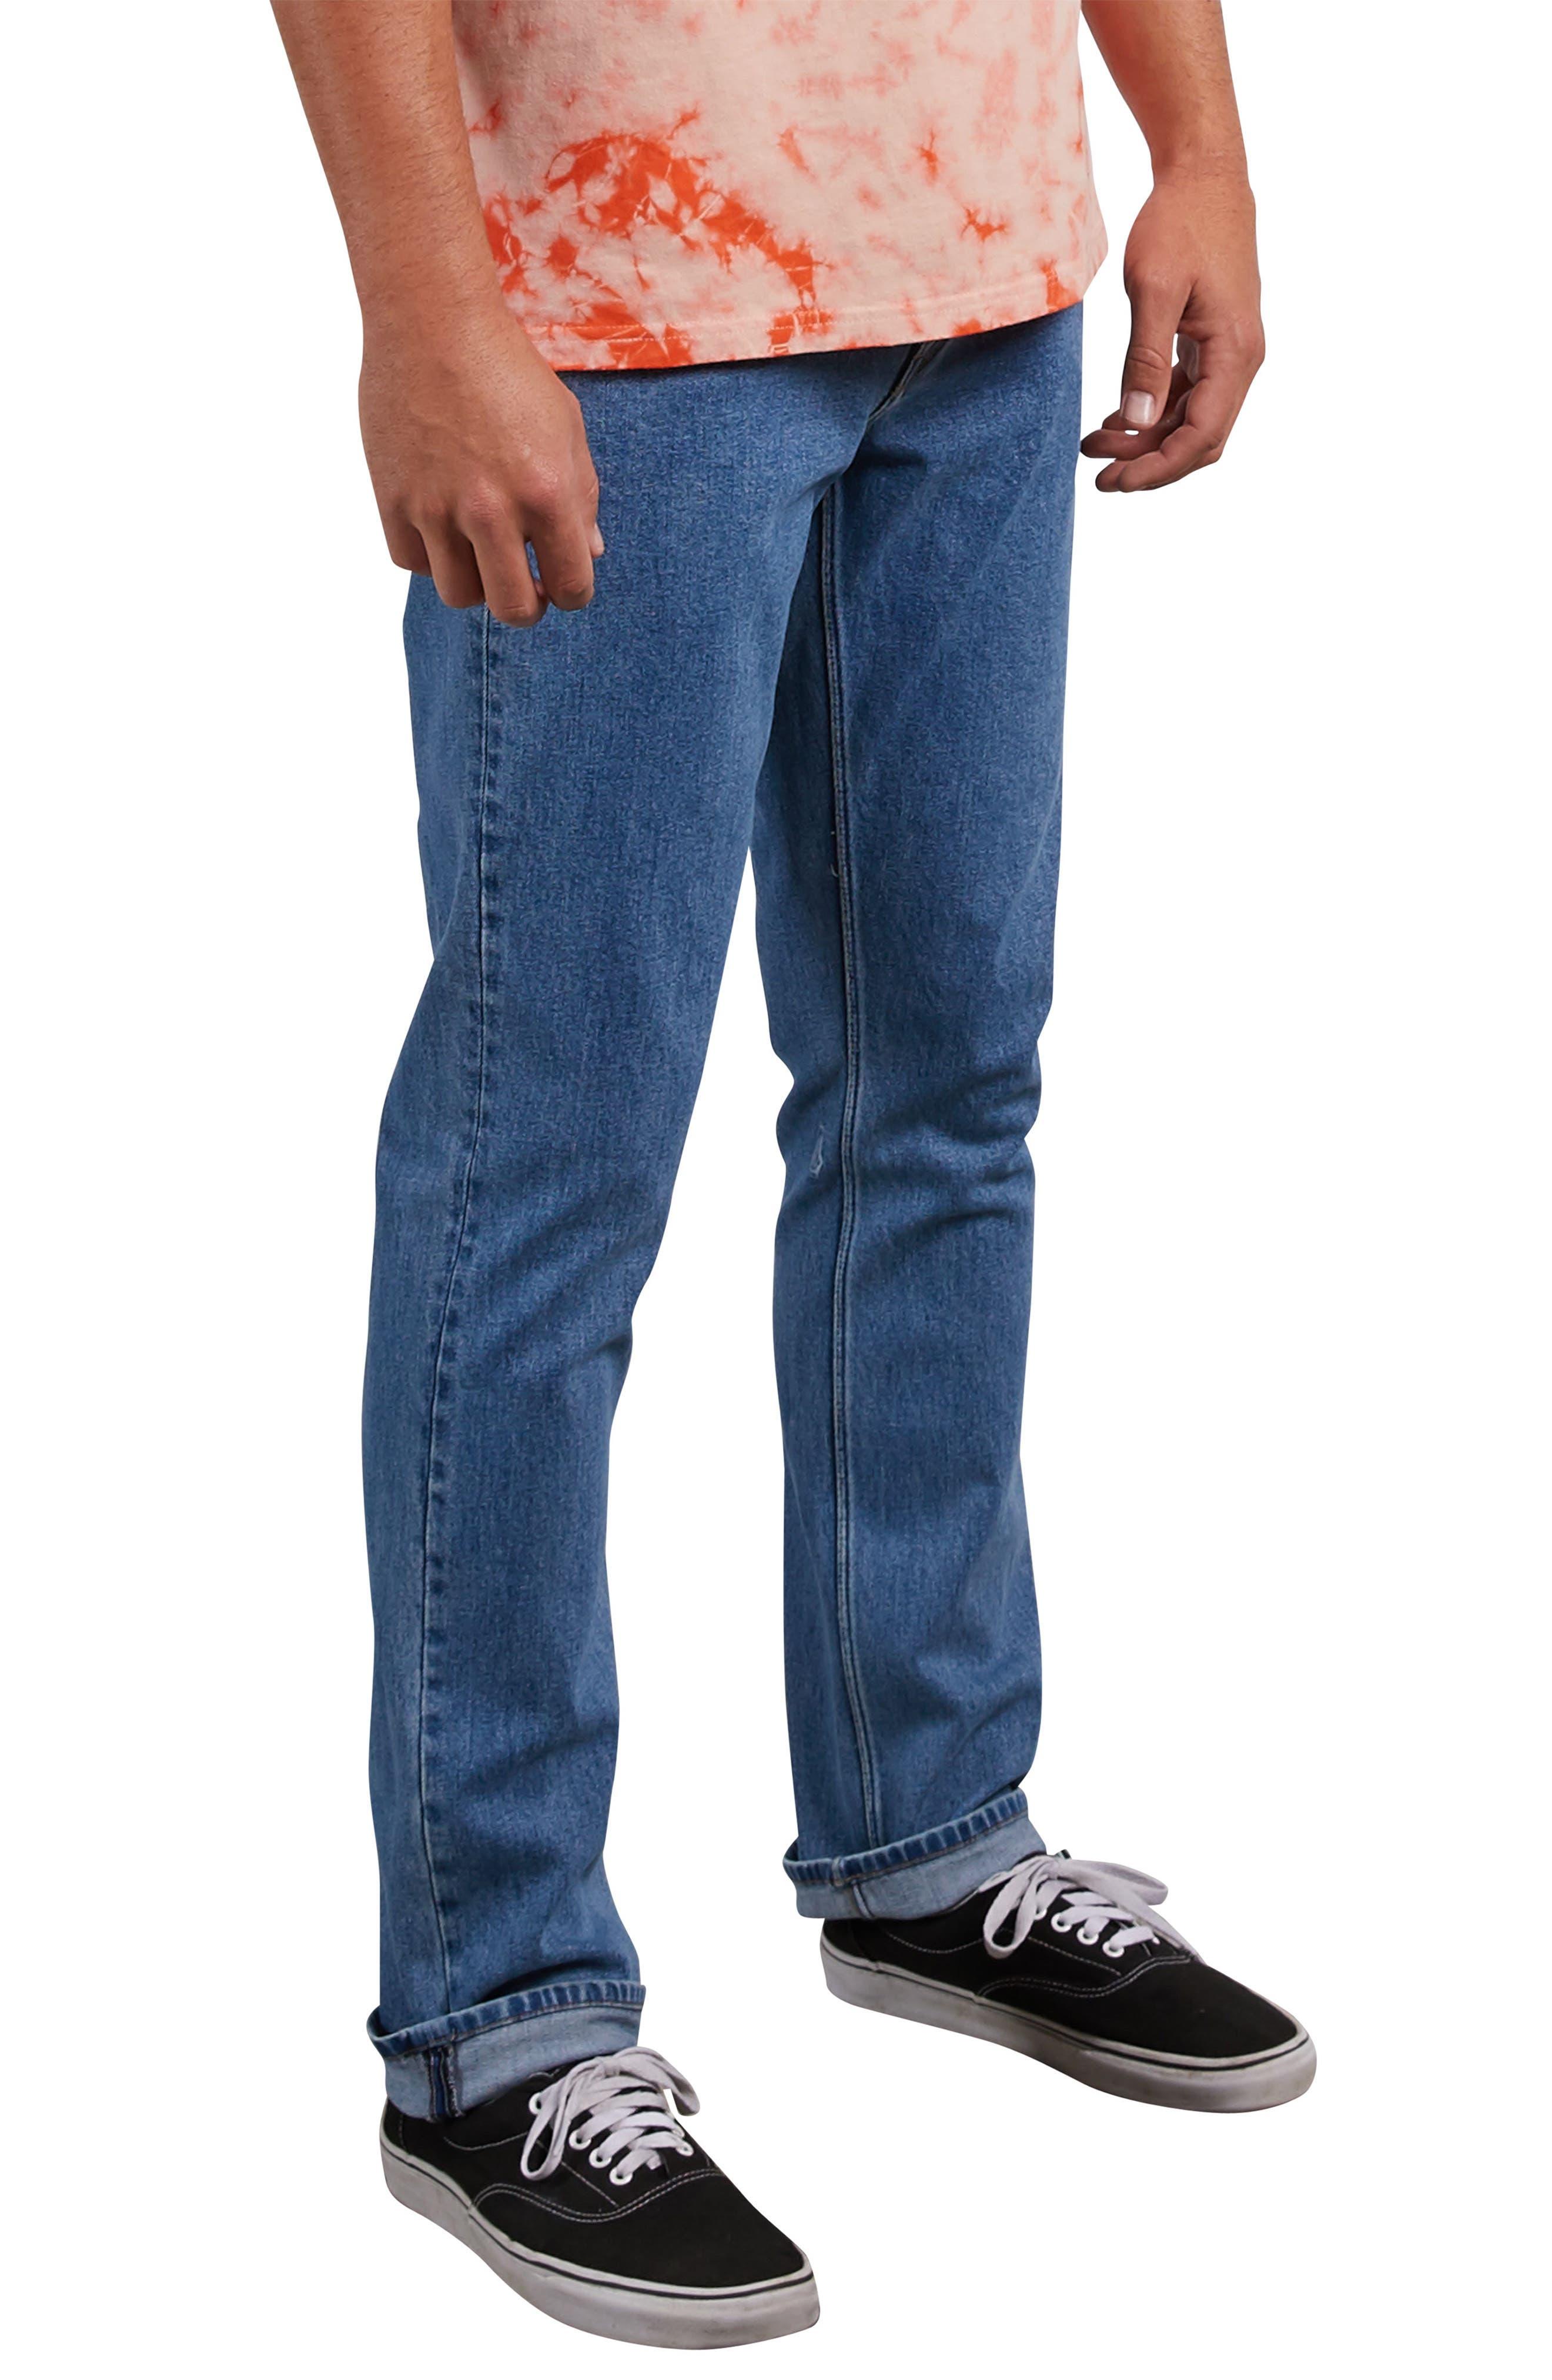 Vorta Slim Fit Jeans,                             Alternate thumbnail 3, color,                             STONE BLUE